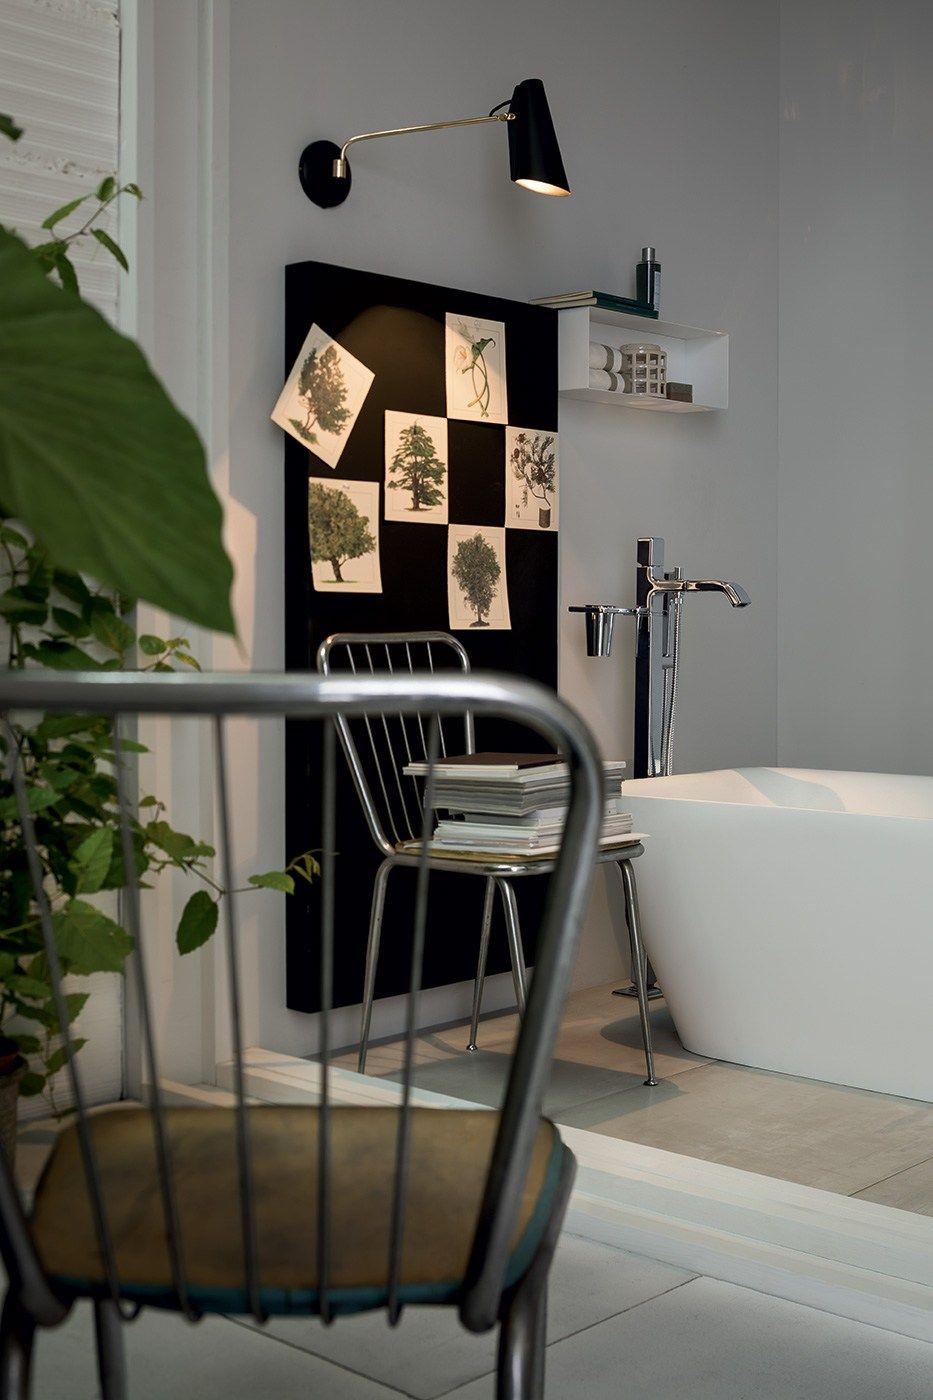 Mobile bagno in stile moderno 83 - 3.0 Collection by RAB Arredobagno design Ufficio tecnico RAB ...